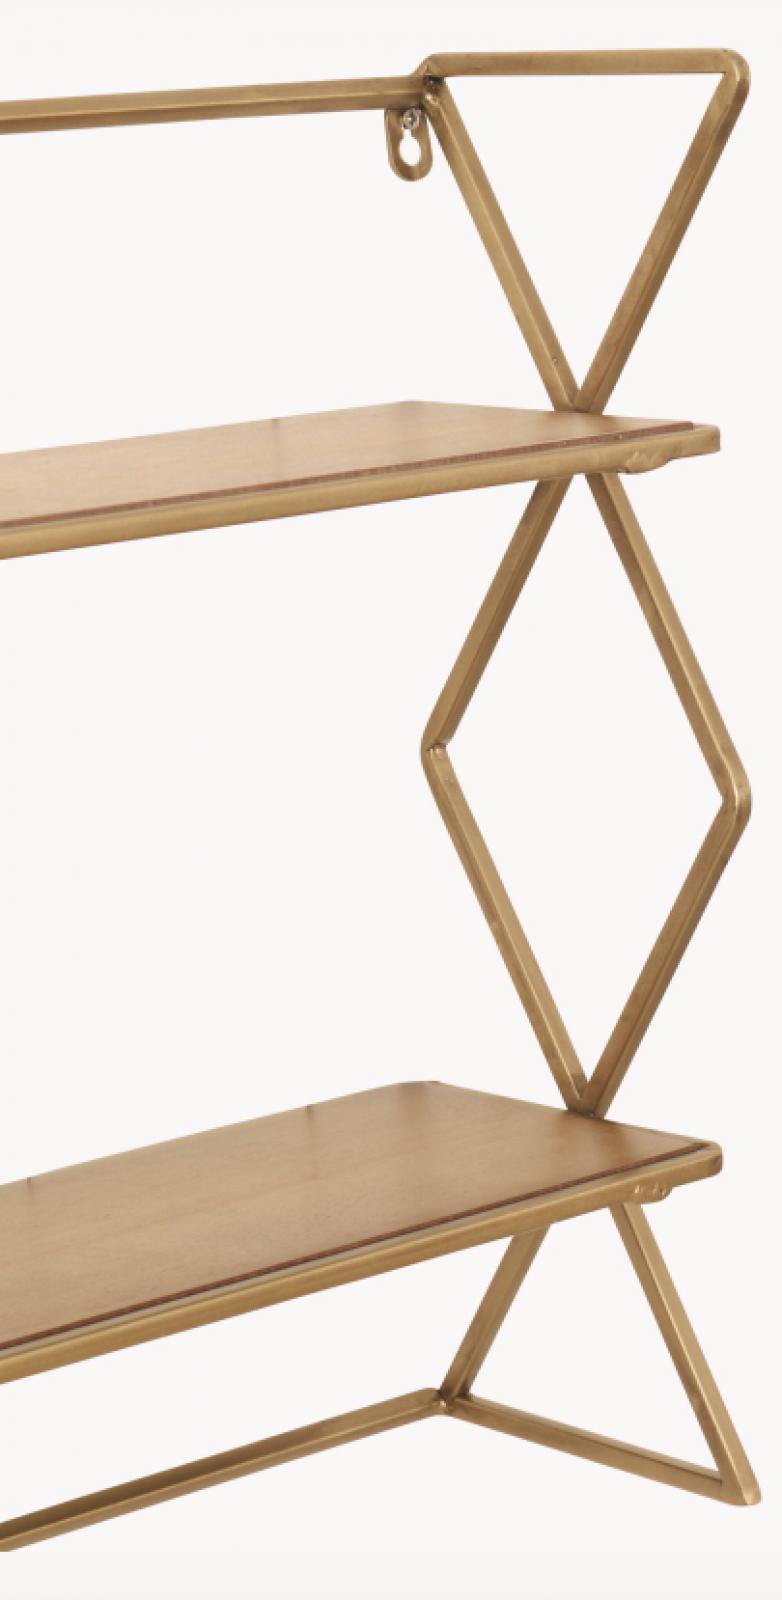 Diam Shelf Unit With Brass Finish thumbnails